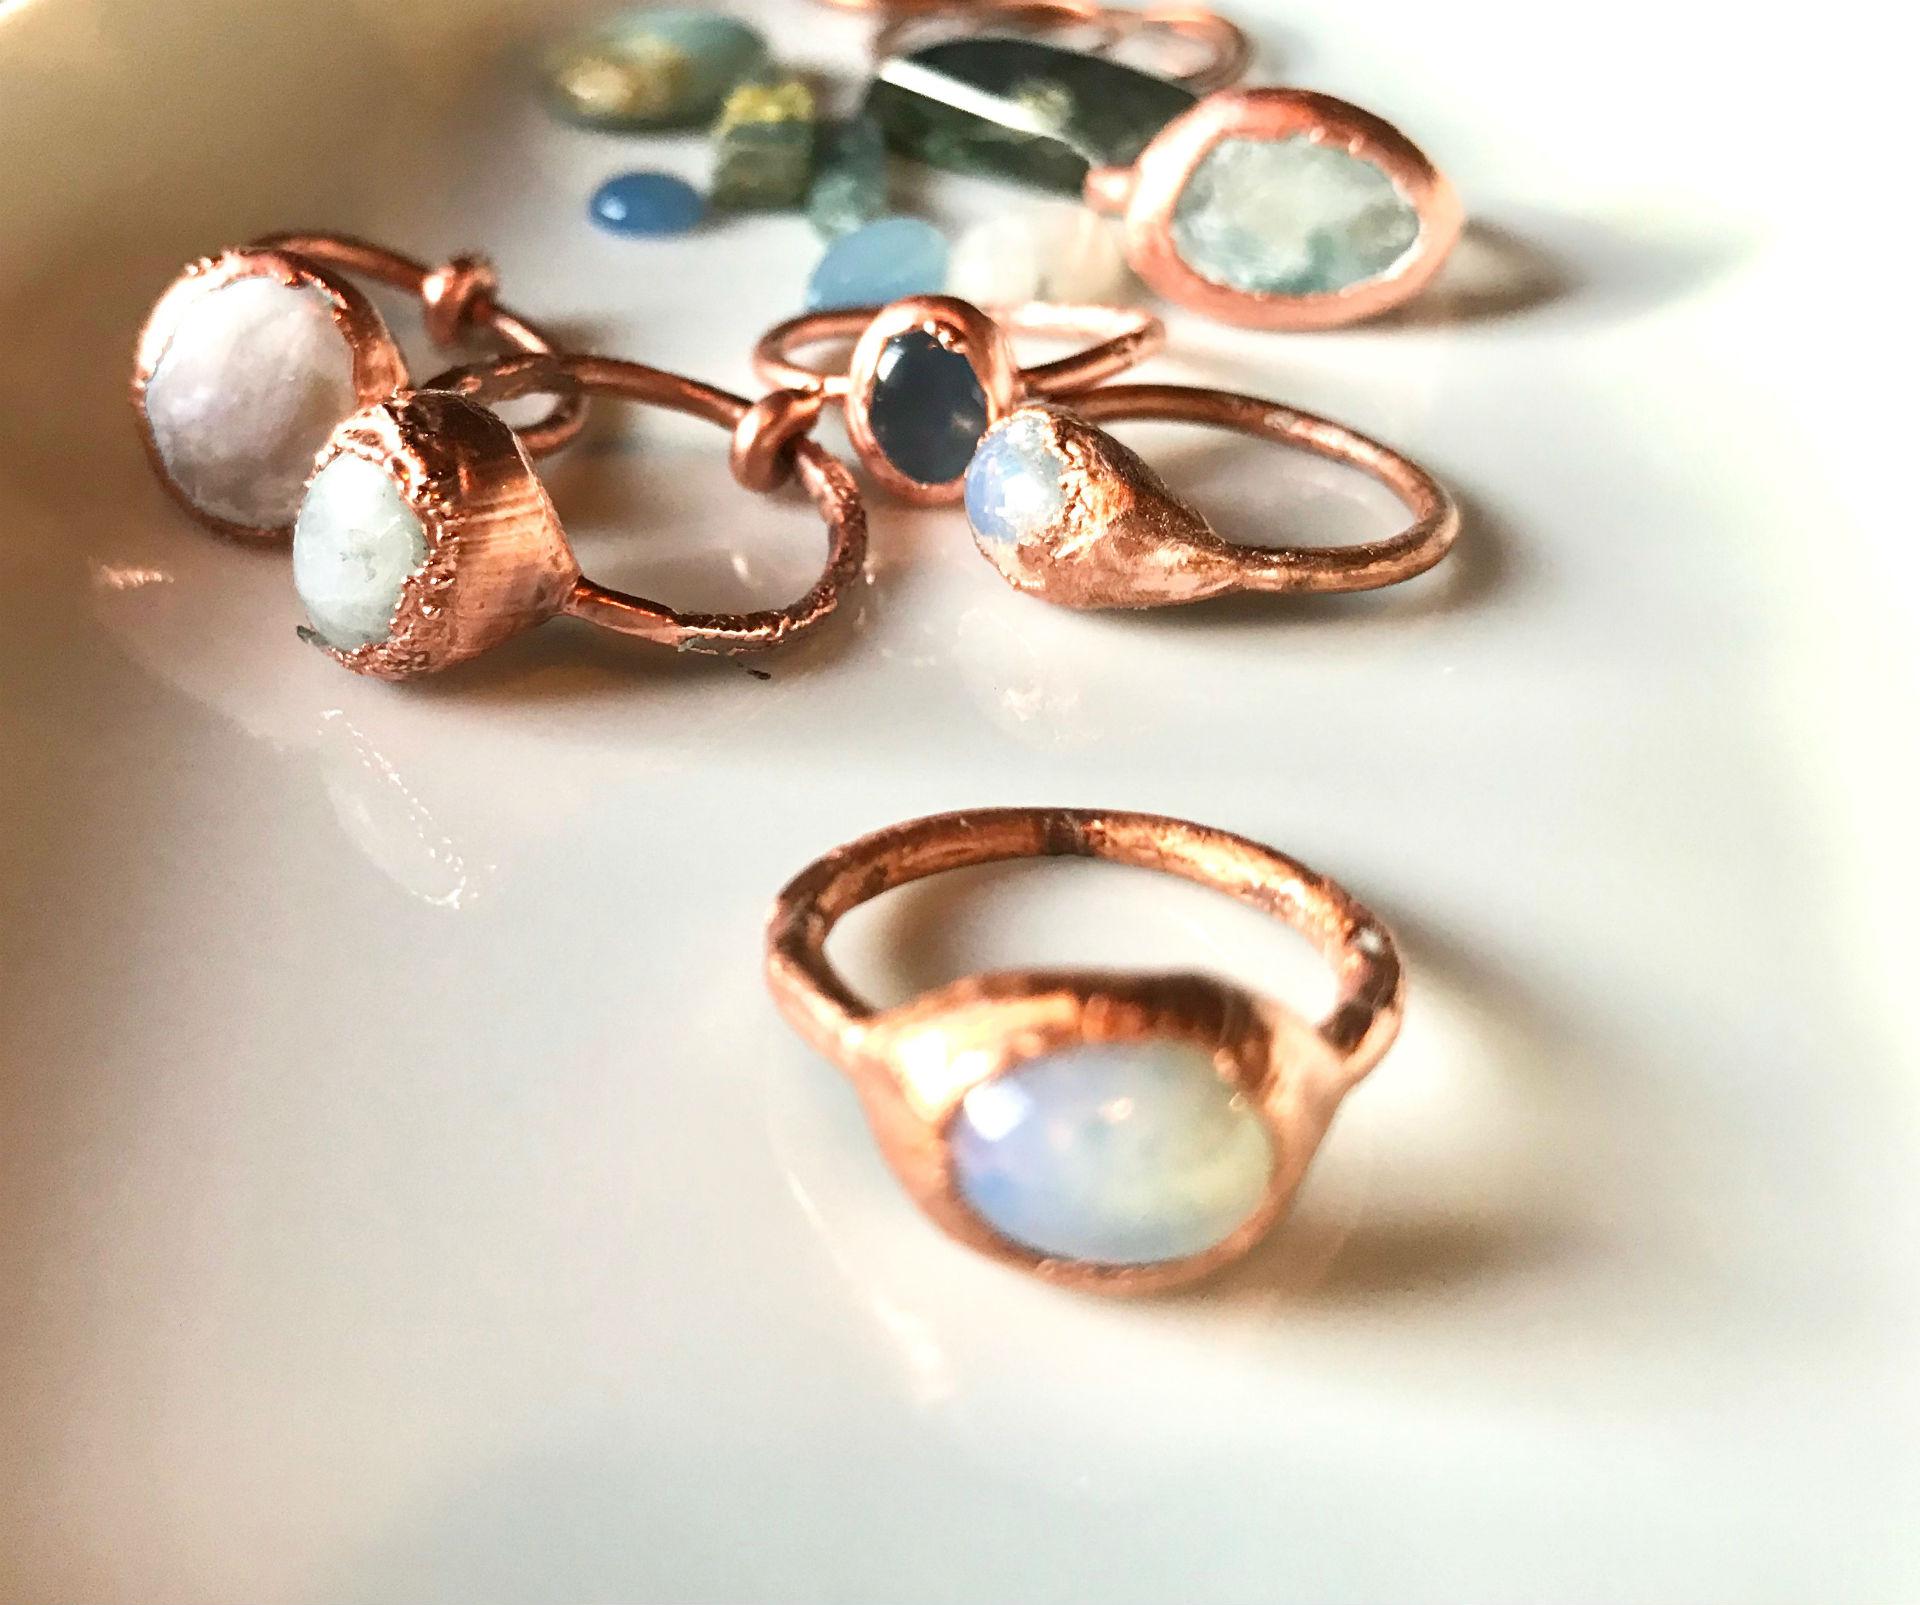 electroformed rings zapp.jpg